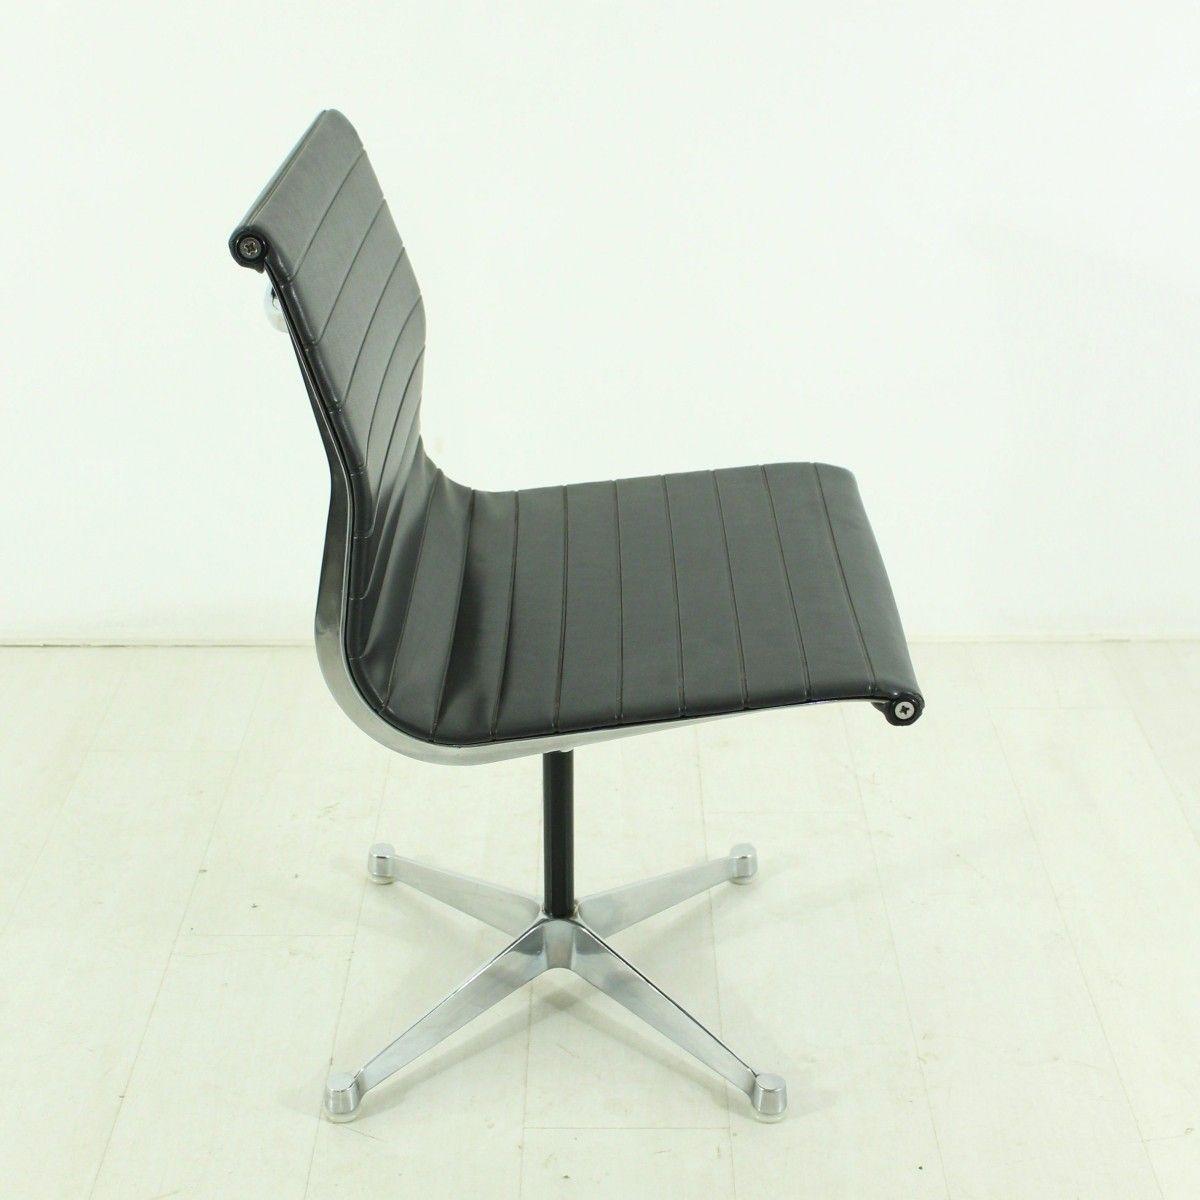 vintage ea101 stuhl von charles ray eames f r herman. Black Bedroom Furniture Sets. Home Design Ideas